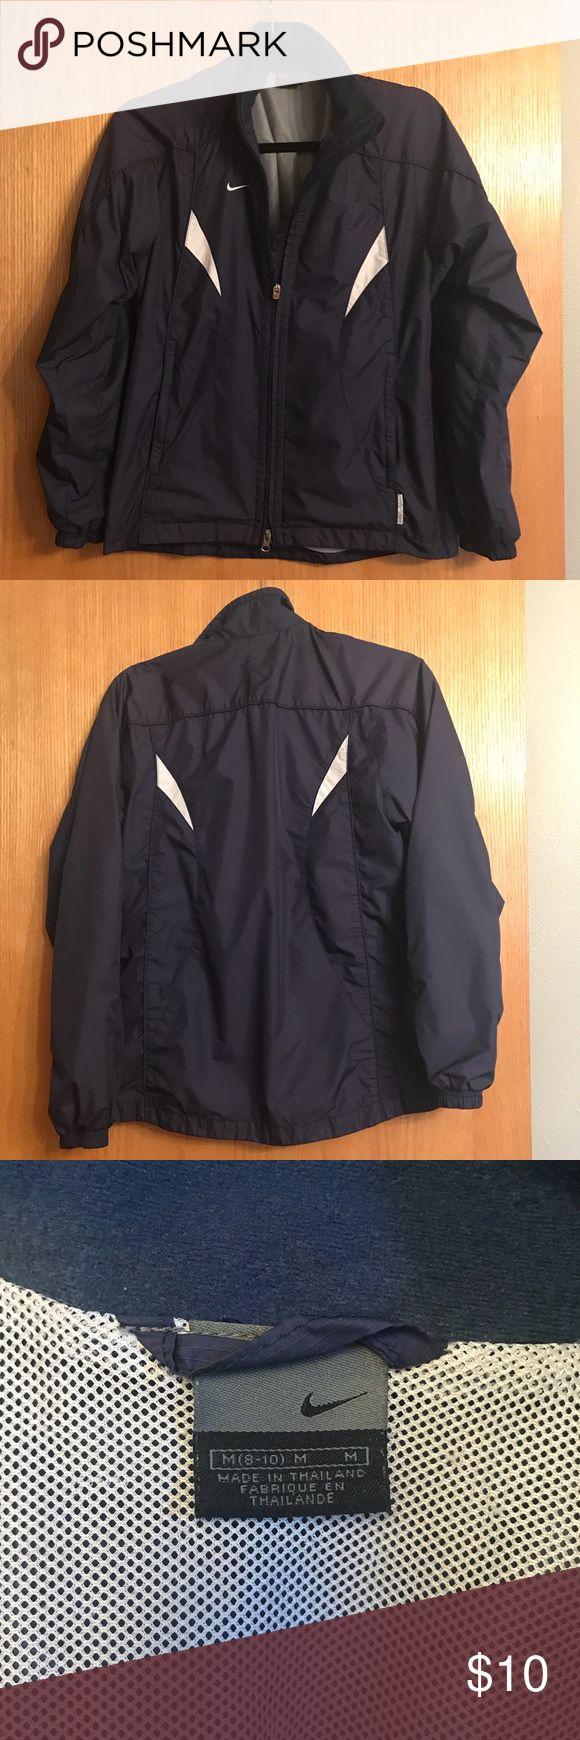 Nike jacket medium 8-10 Dark blue Nike soccer wind jacket size 8-10. Nike Jackets & Coats